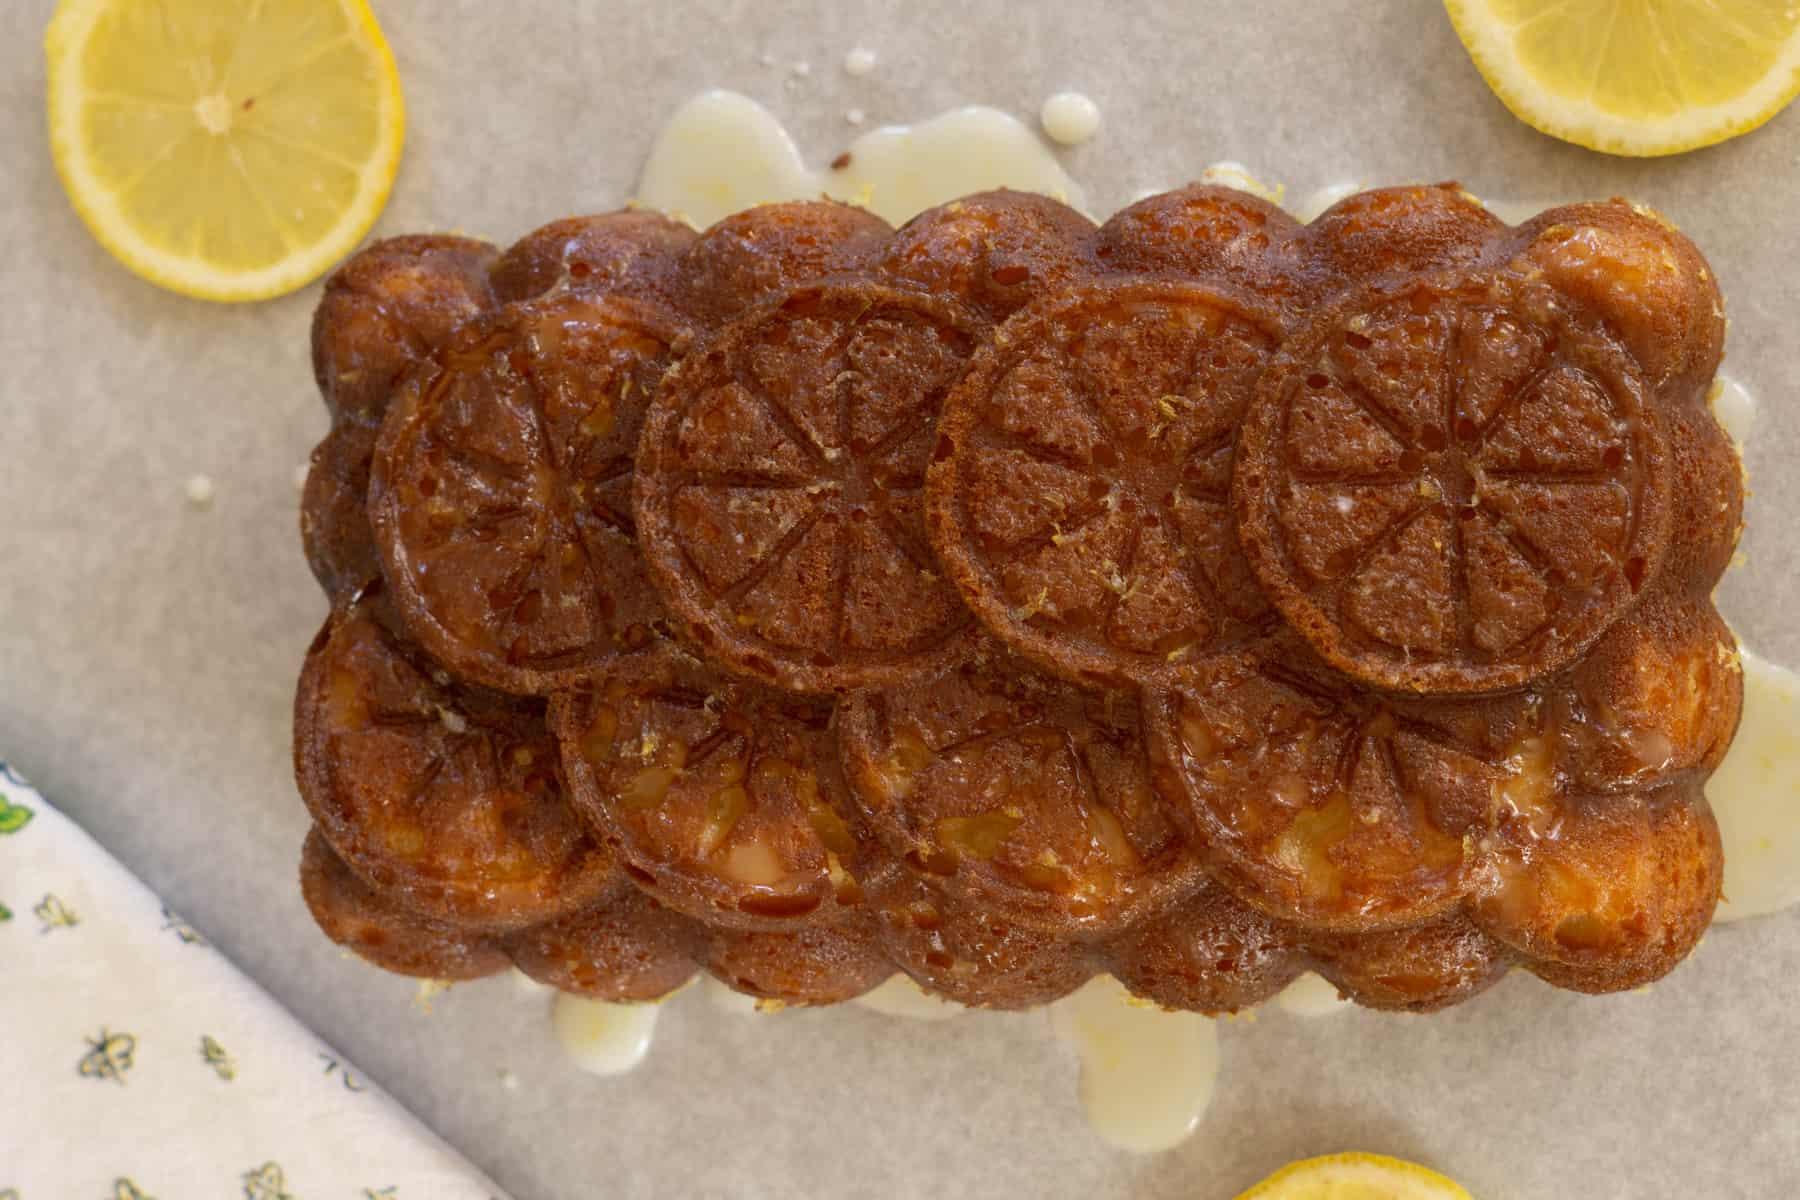 lemonsnackcake